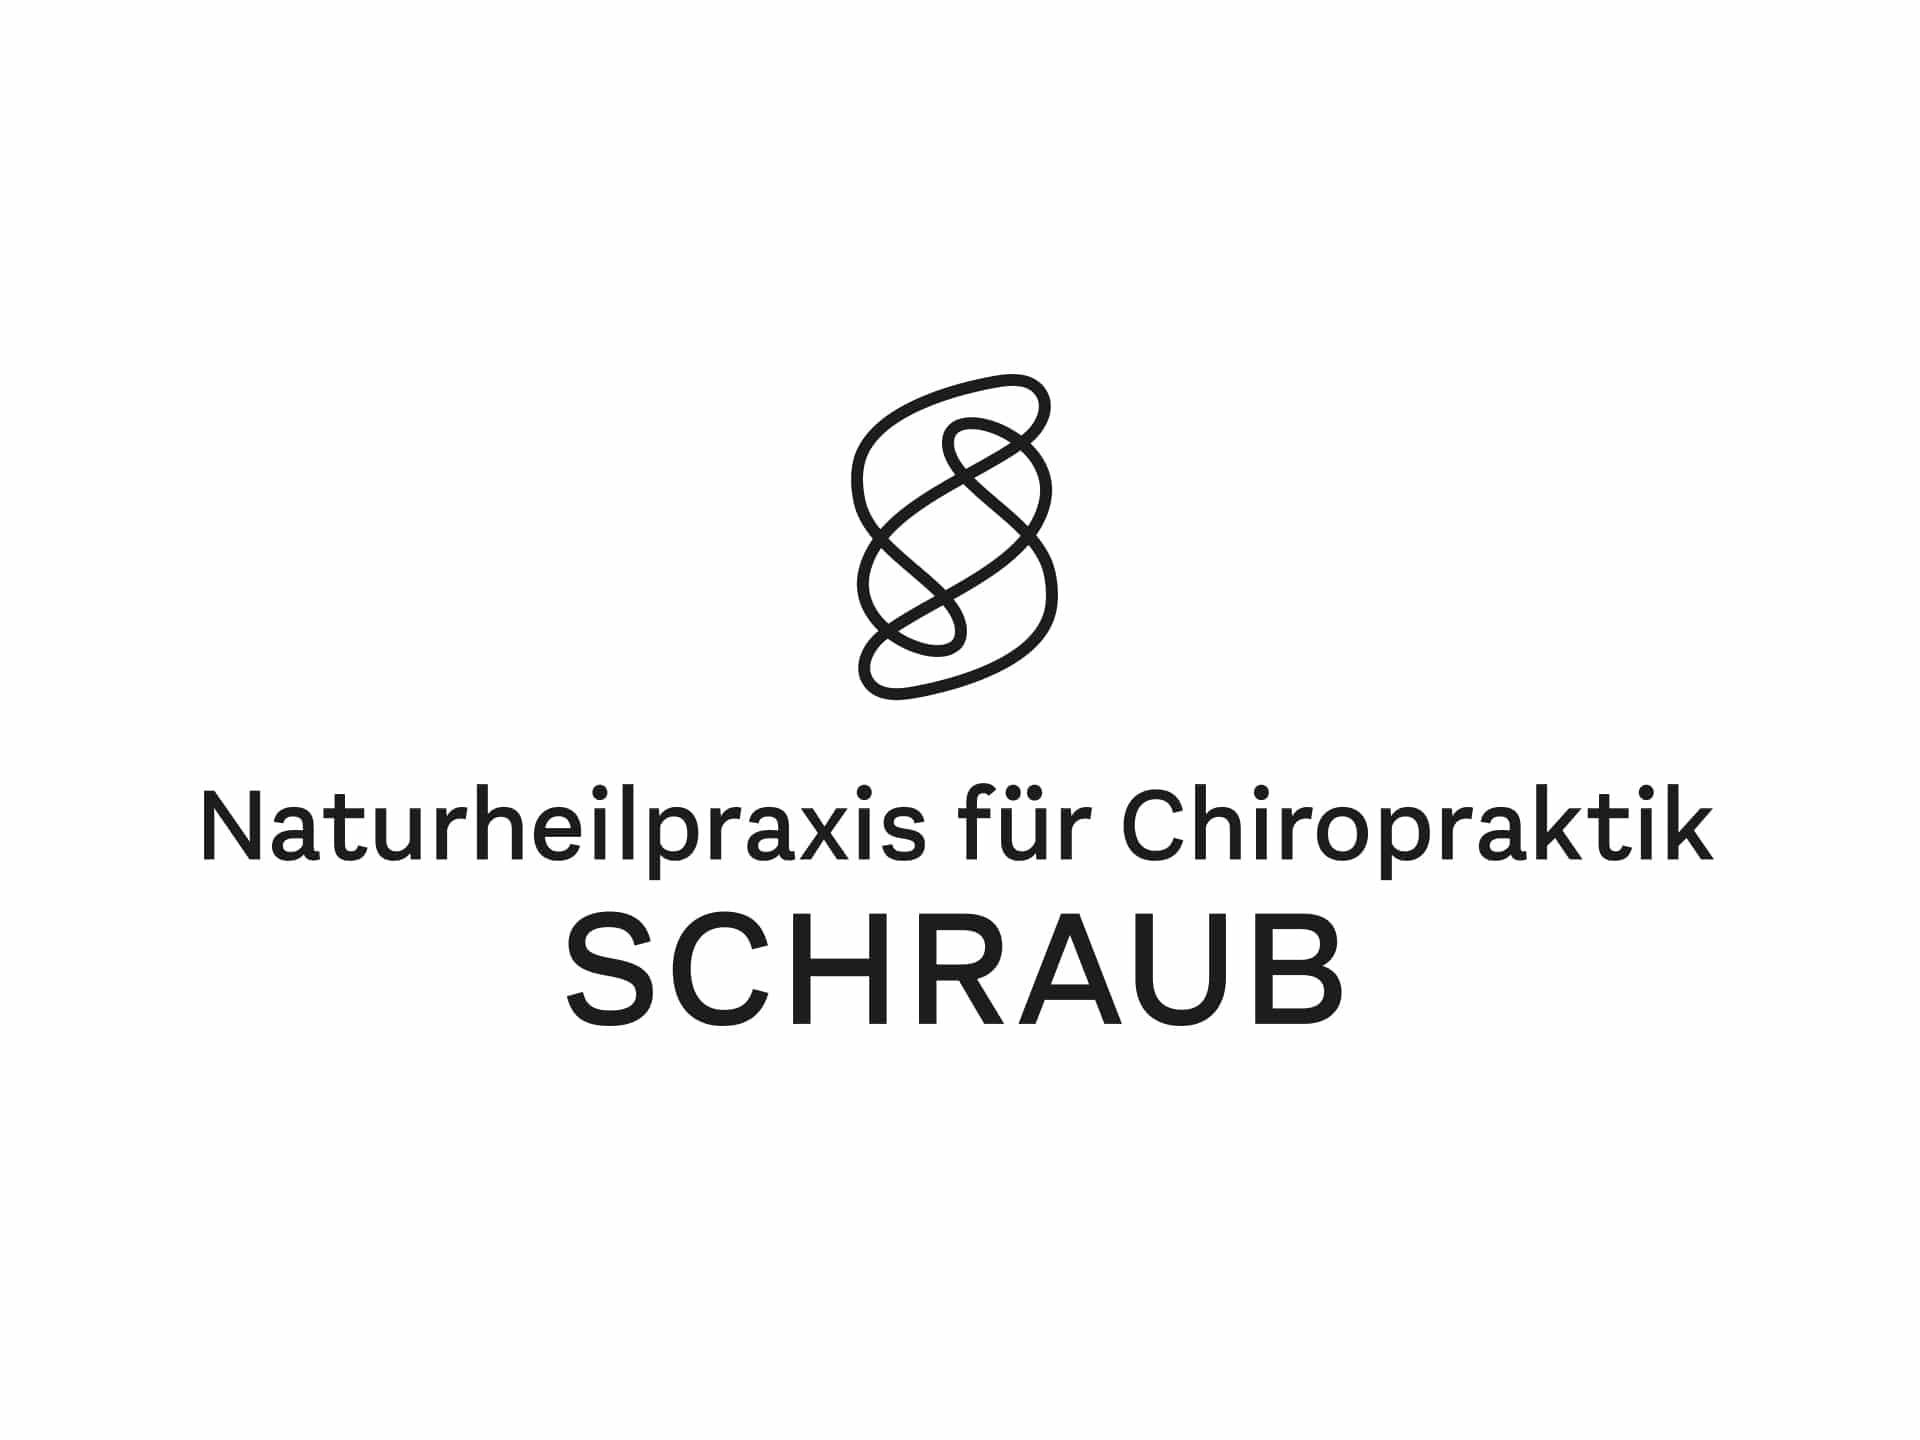 Logo Design Naturheilpraxis für Chiropraktik Schraub